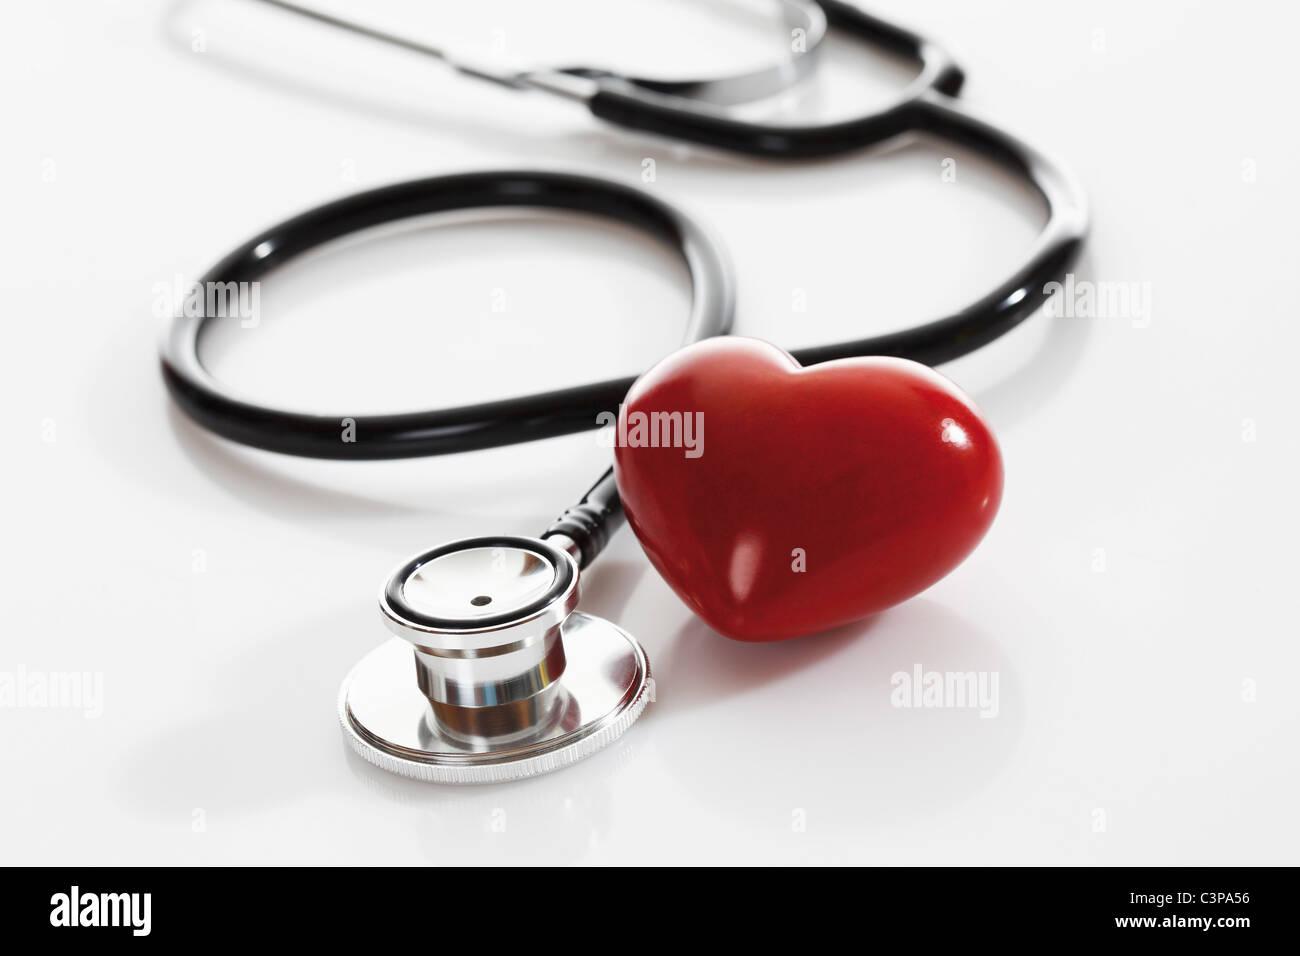 Stethoskop mit Herz-Shape-Objekt auf weißem Hintergrund, Nahaufnahme Stockbild